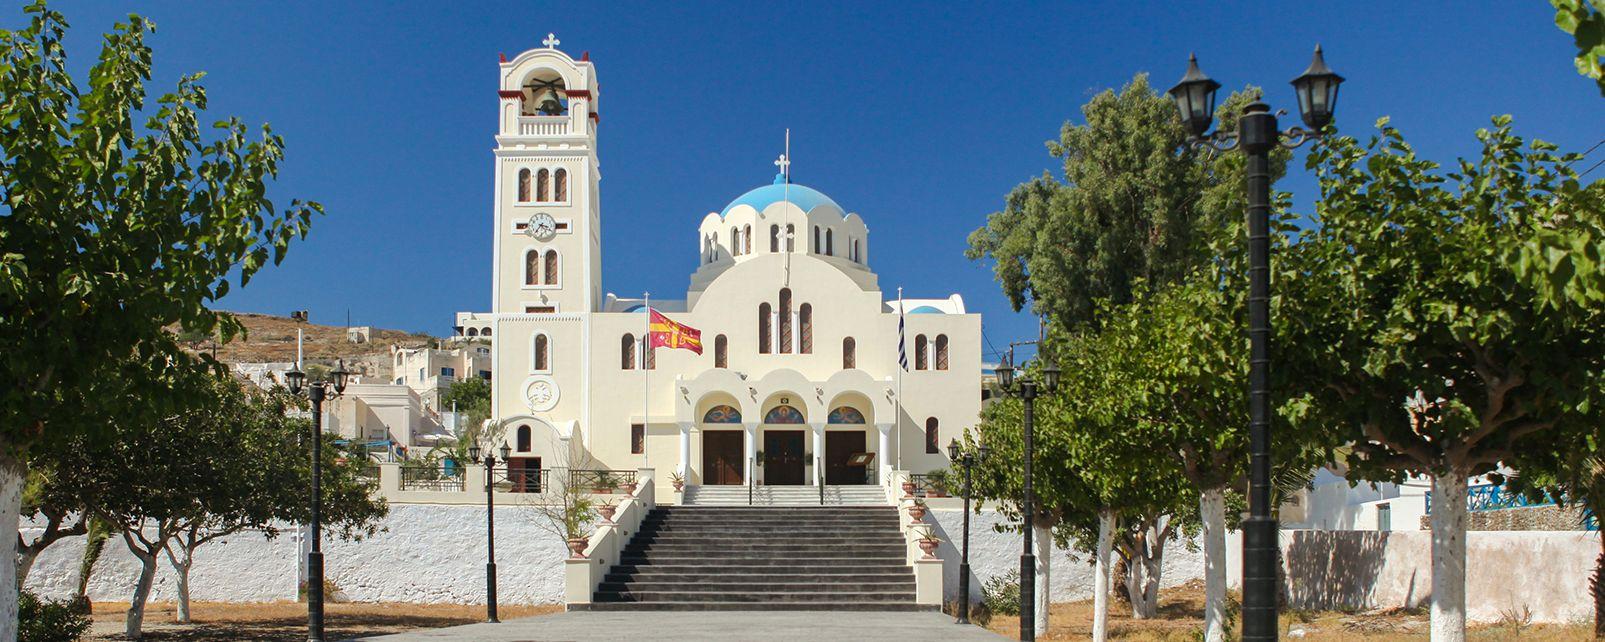 Chalkis, Grèce continentale, Grèce